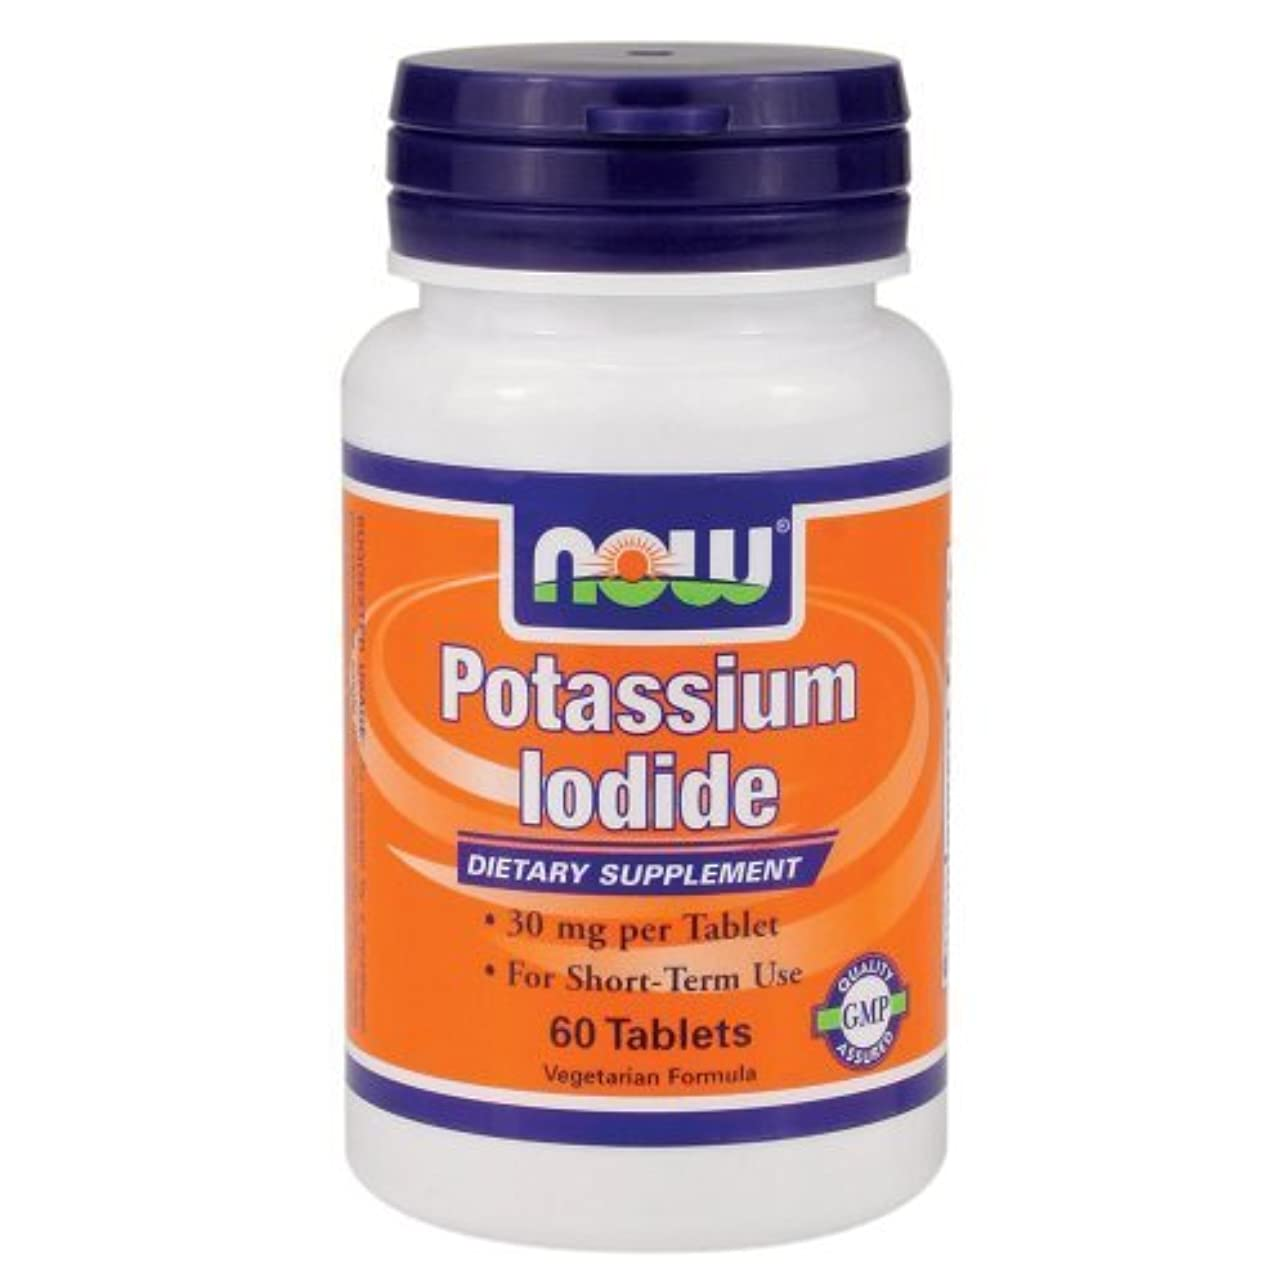 メトロポリタン中級医学Now Foods ナウフーズ ヨウ素 60錠入り Potassium Iodide 60 Tablets (海外直送品)